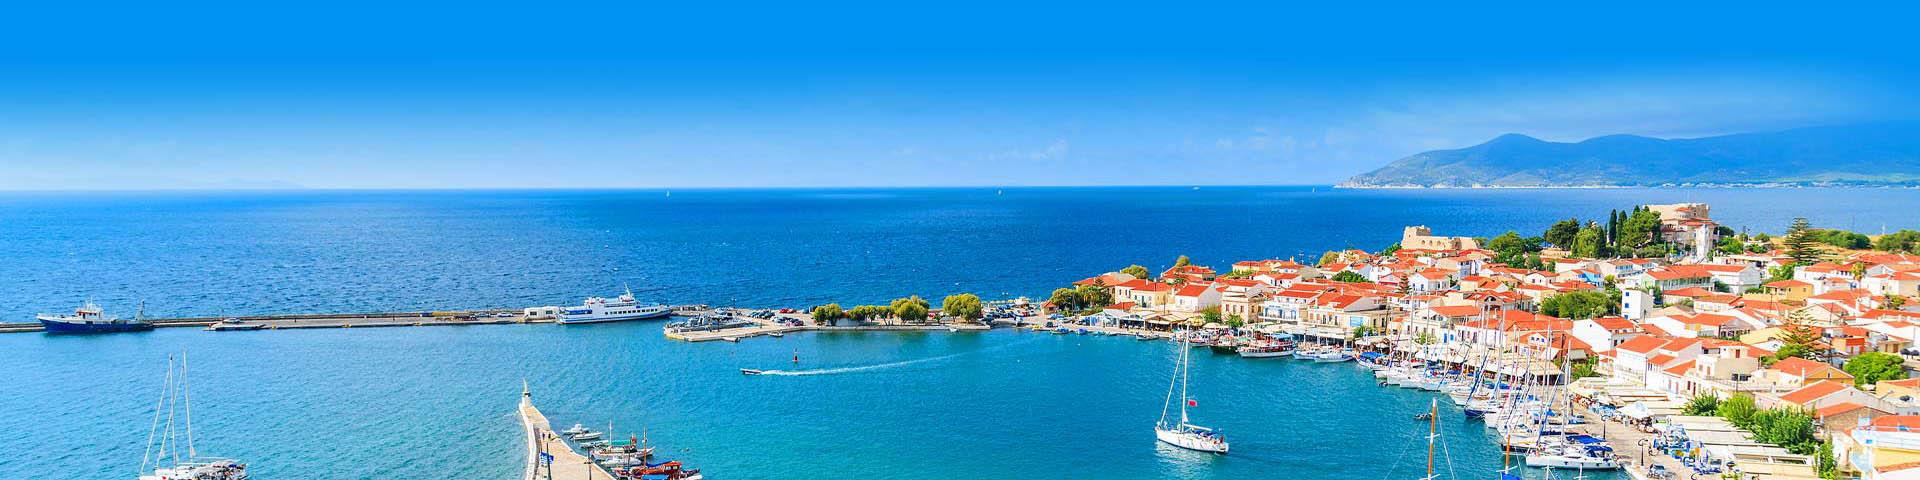 Baai met bootjes omringd door huisjes aan de Egeïsche Kust van Turkije